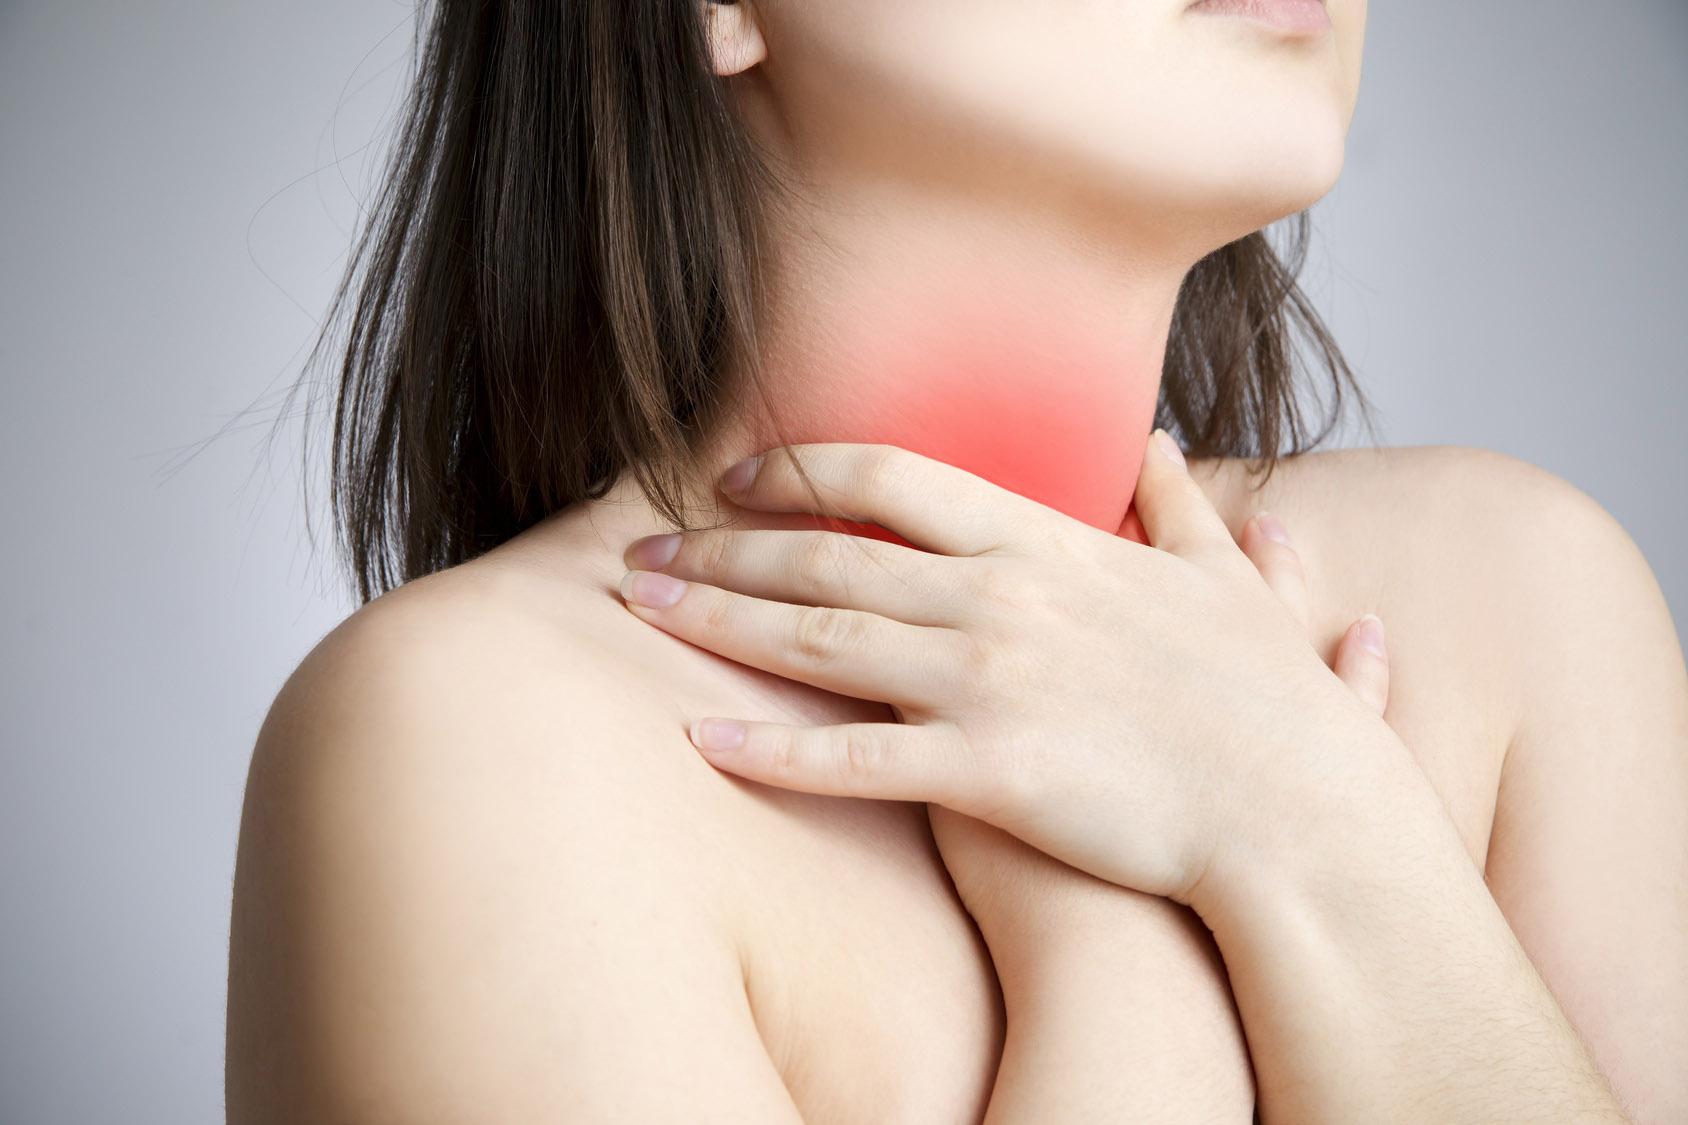 Tại sao lại bị khô miệng đau họng và cách điều trị 1